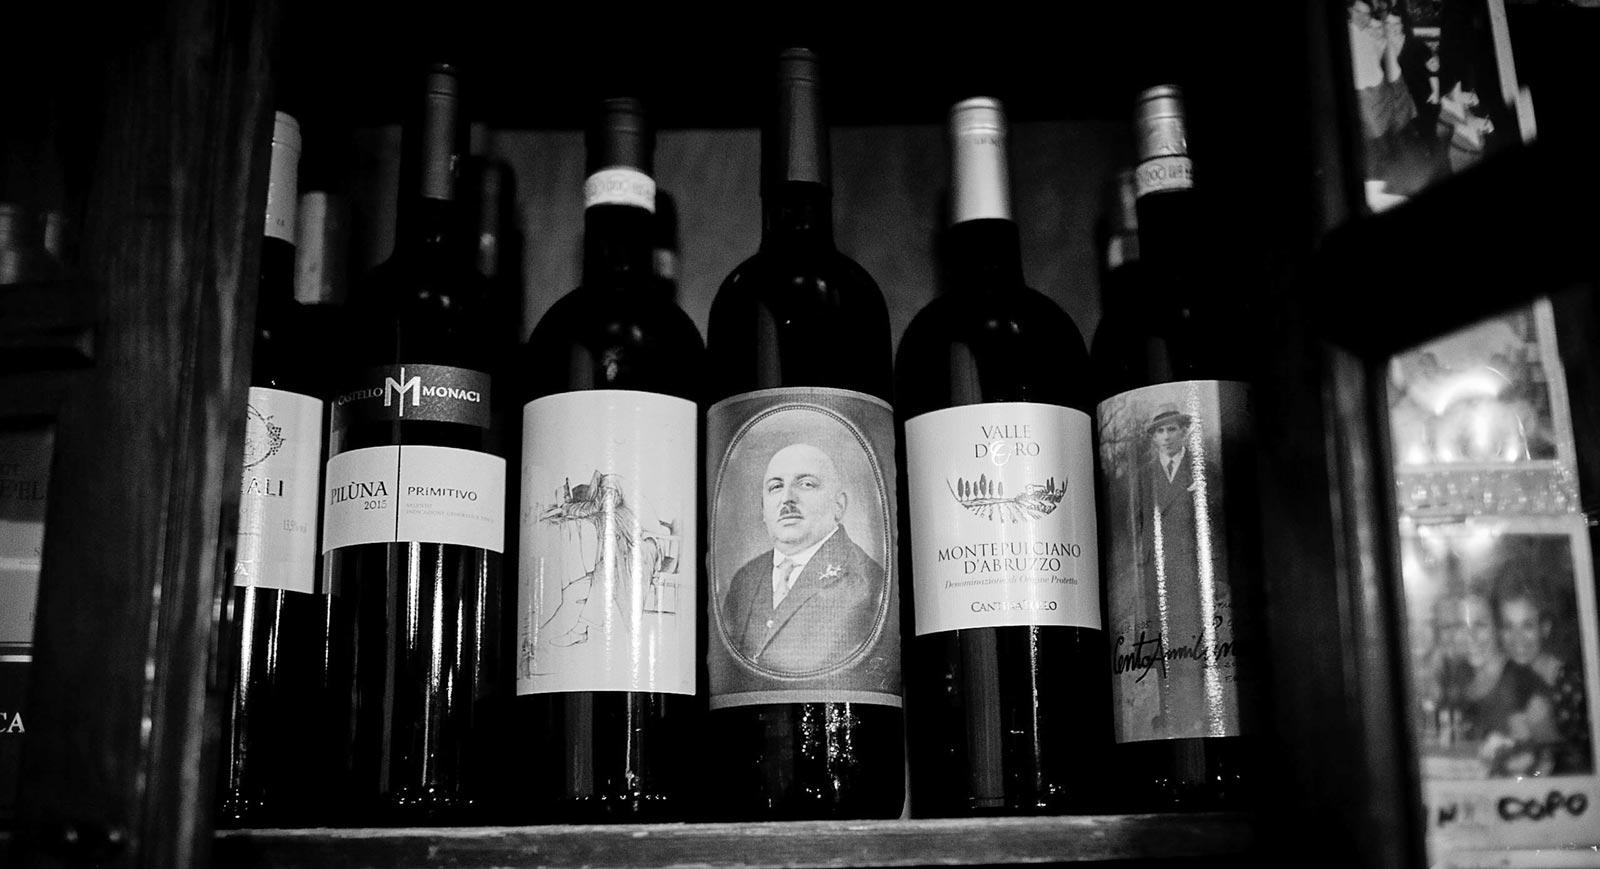 Cuneo italienische Weine